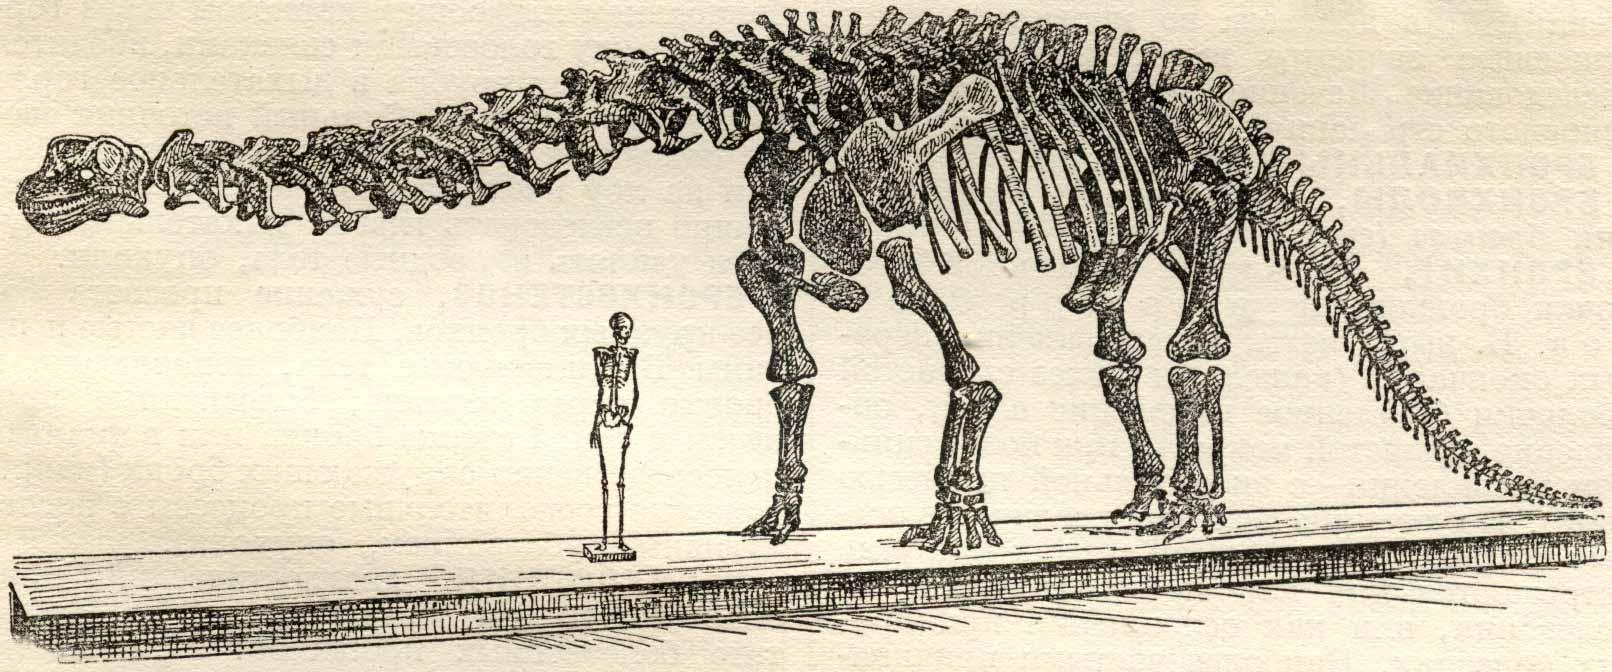 Бронтозавр - Brontosaurus реконструкция скелета, cравнение с человеком